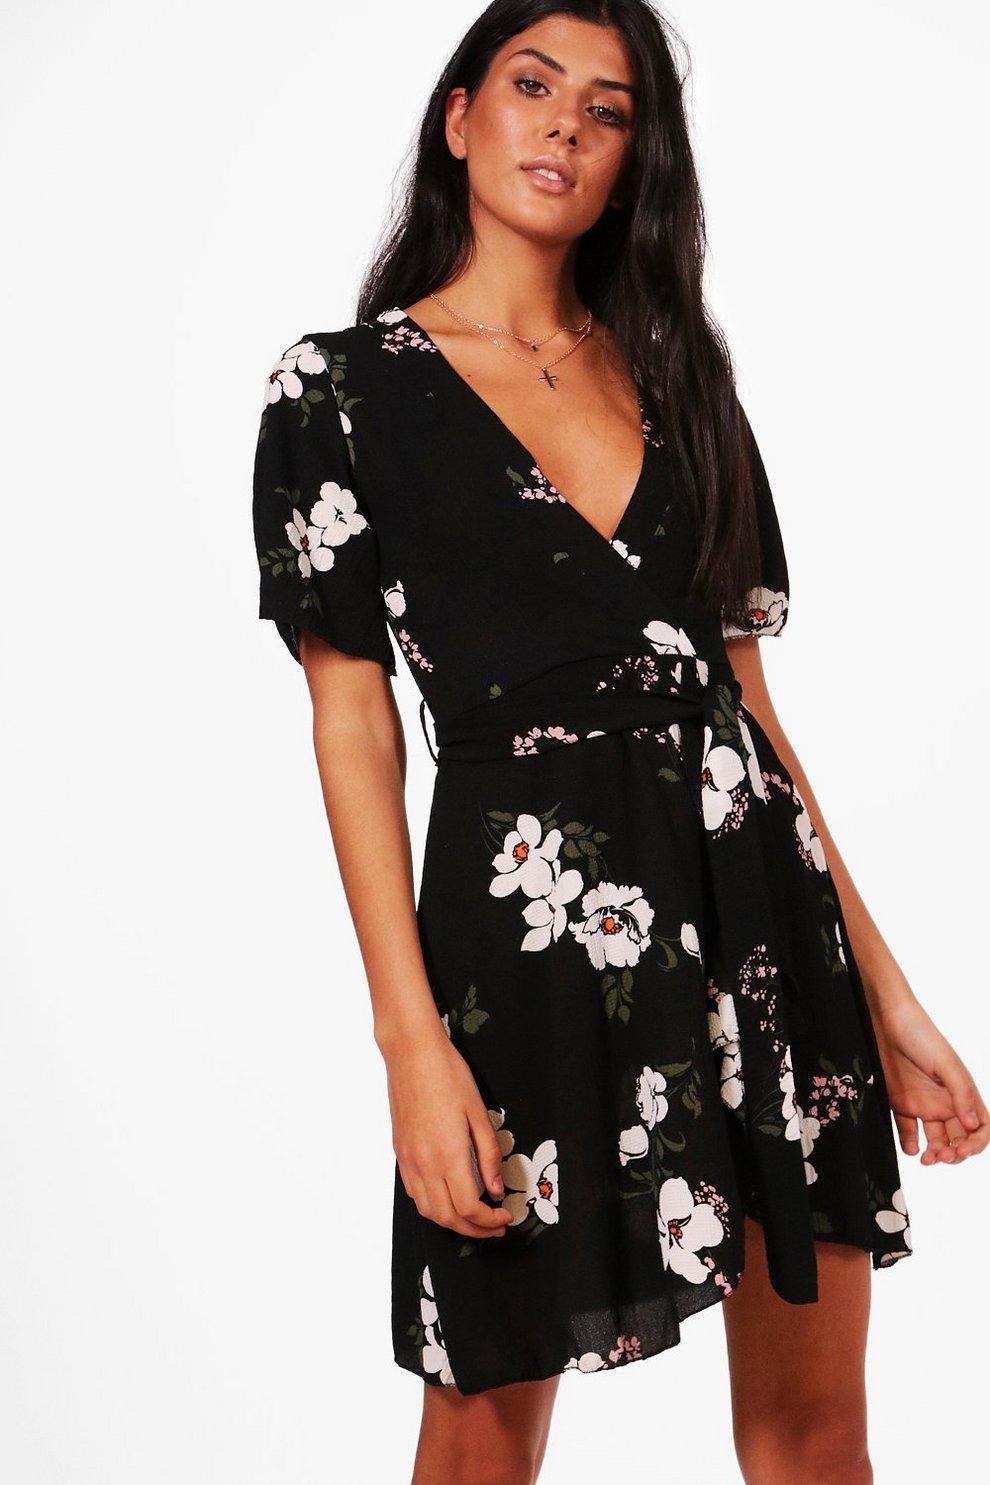 neue Fotos neuer Stil von 2019 herausragende Eigenschaften Elegantes Sommerkleid mit Rüschen und Blumen-Print | Boohoo